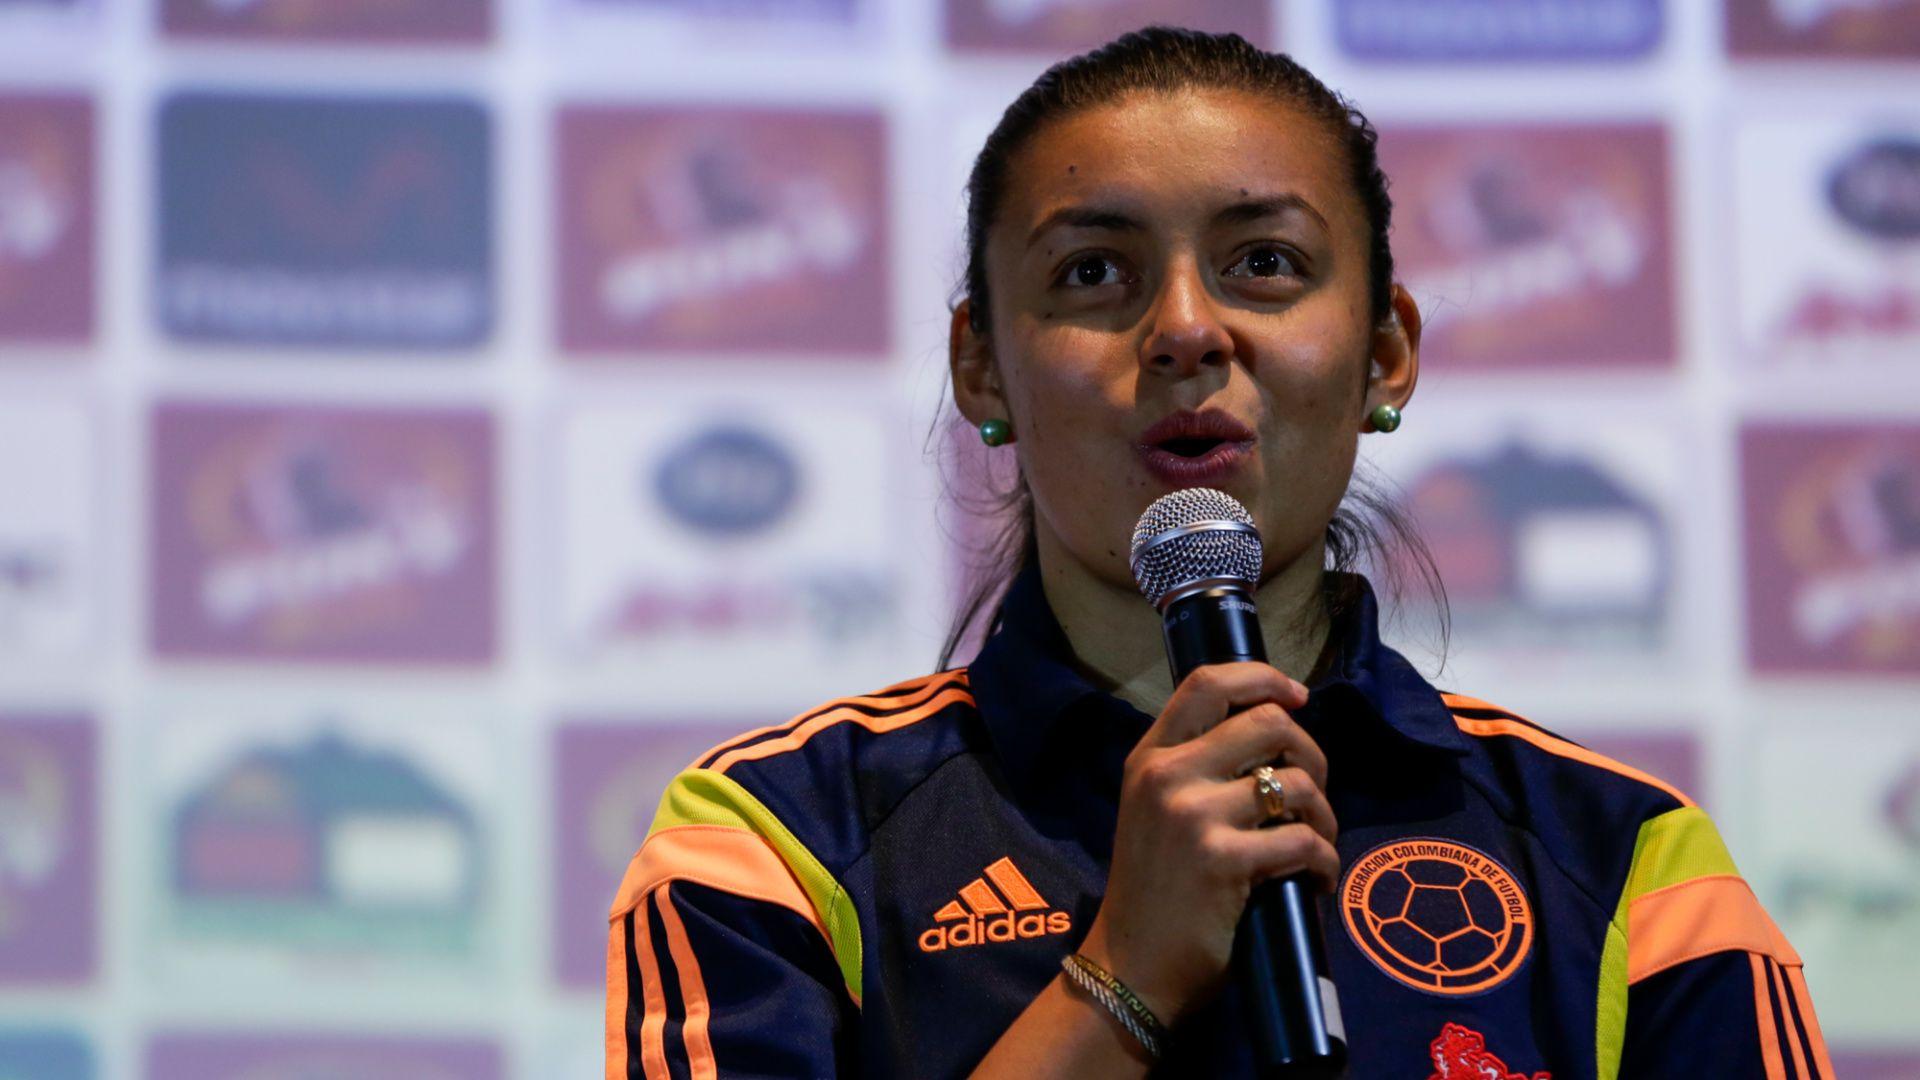 Junto a ella, el equipo ideal está compuesto por estrellas del fútbol femenino como Marta, Formiga y Debinha de Brasil, Carla Guerrero de Chile y Estefanía Banini de Argentina. Vía: Colprensa